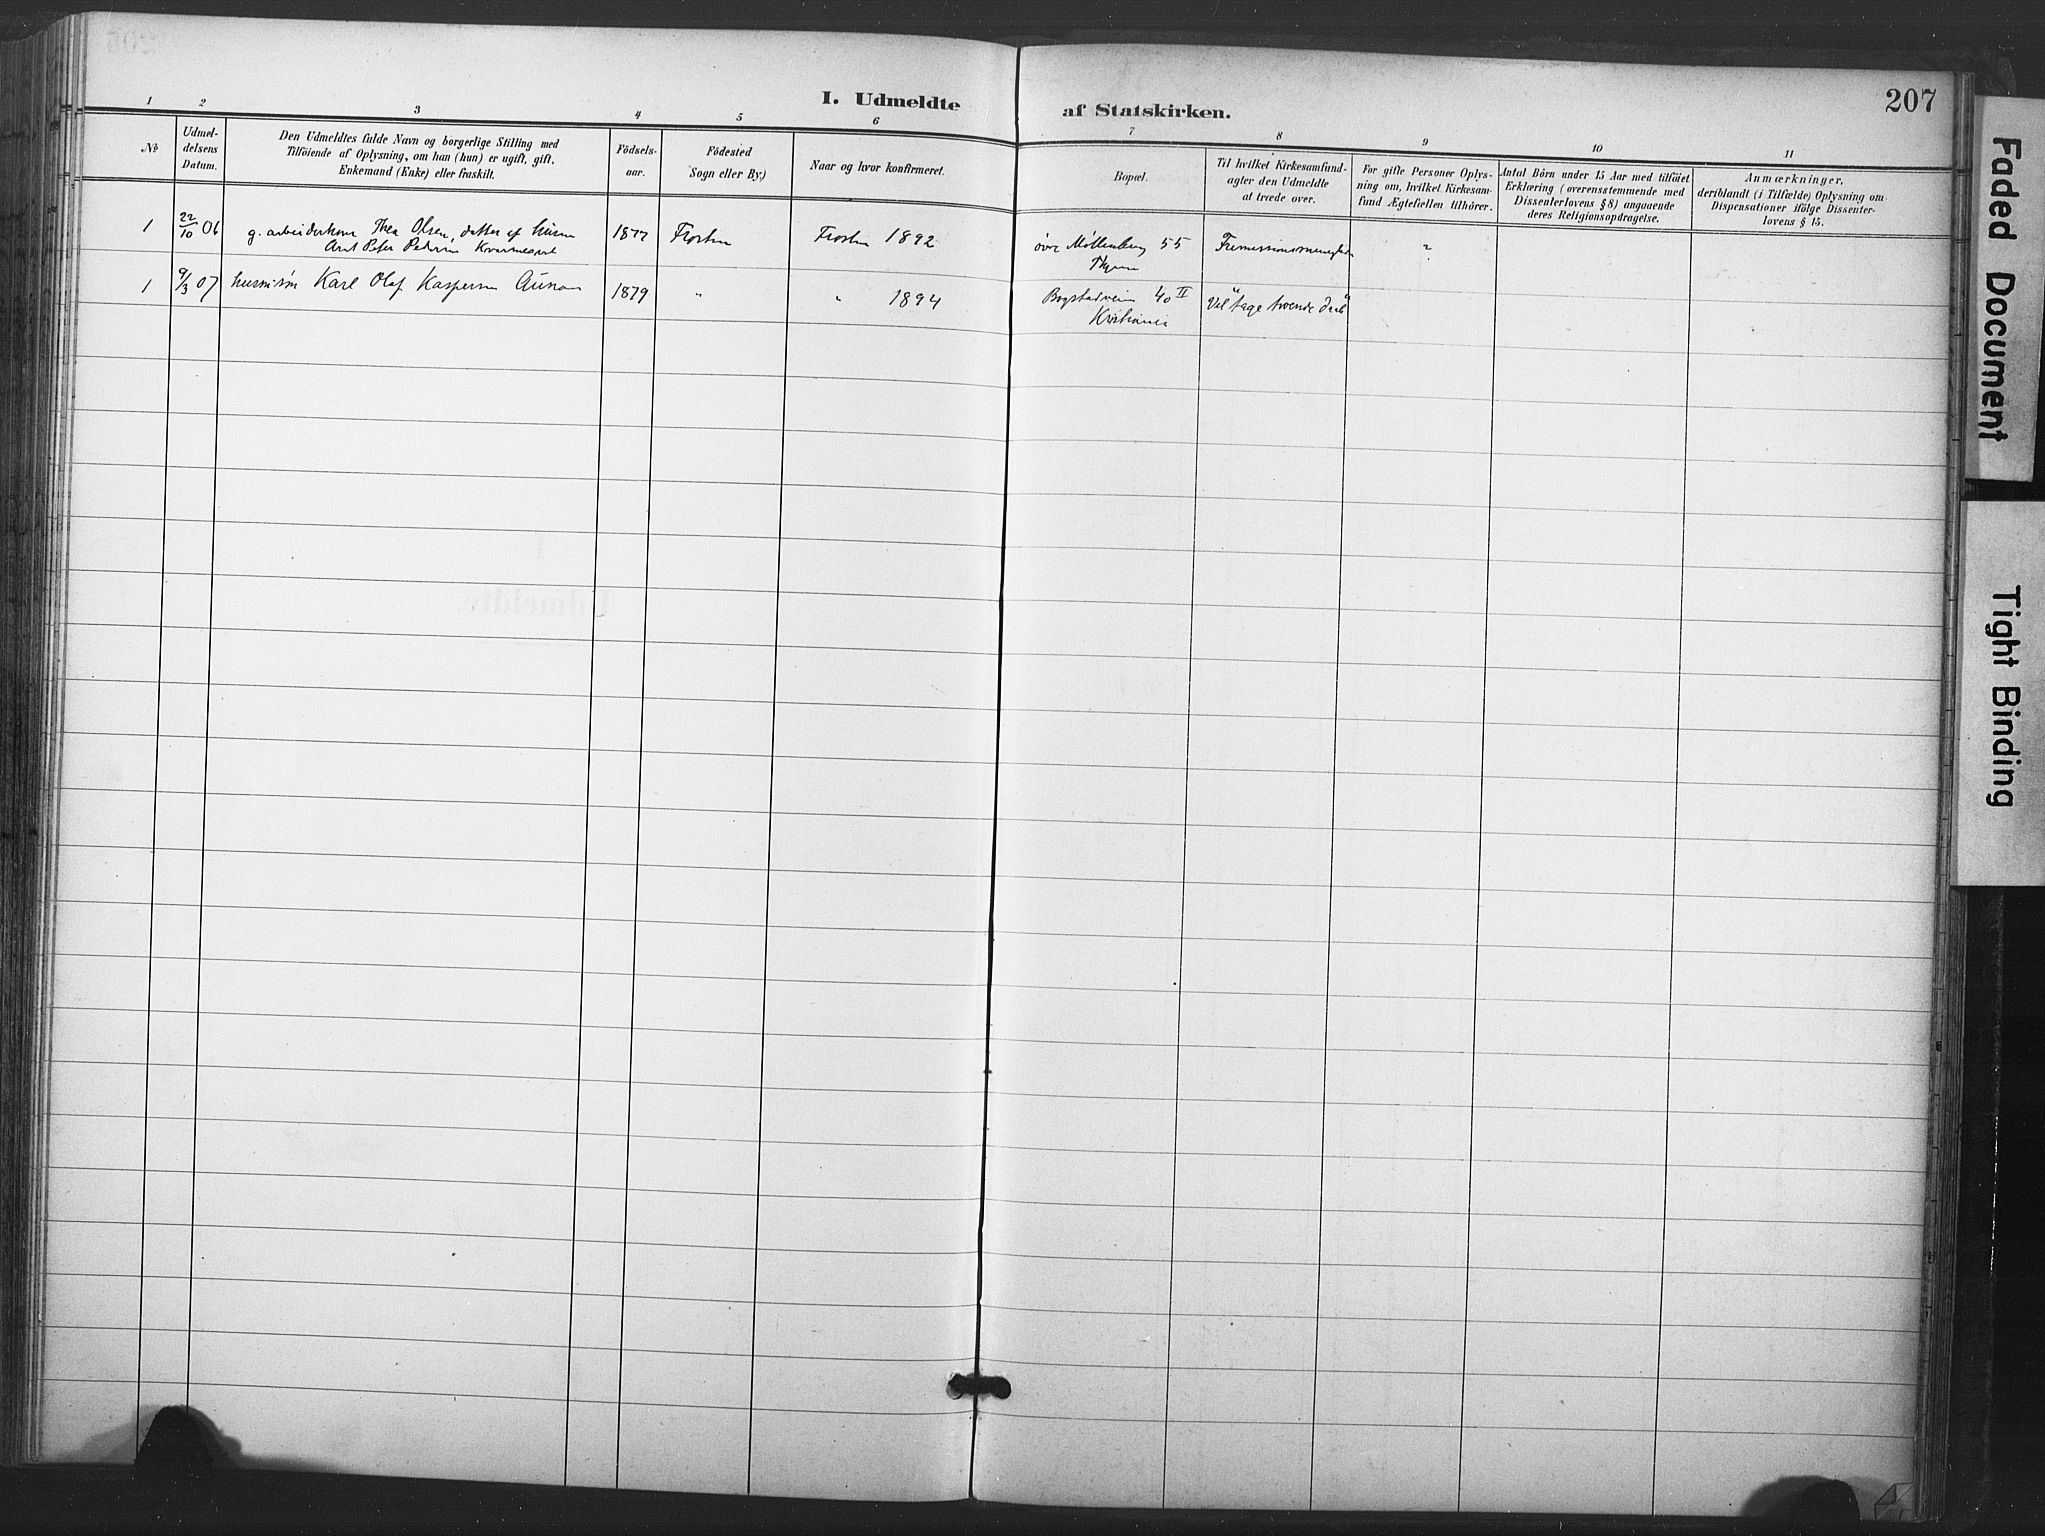 SAT, Ministerialprotokoller, klokkerbøker og fødselsregistre - Nord-Trøndelag, 713/L0122: Ministerialbok nr. 713A11, 1899-1910, s. 207